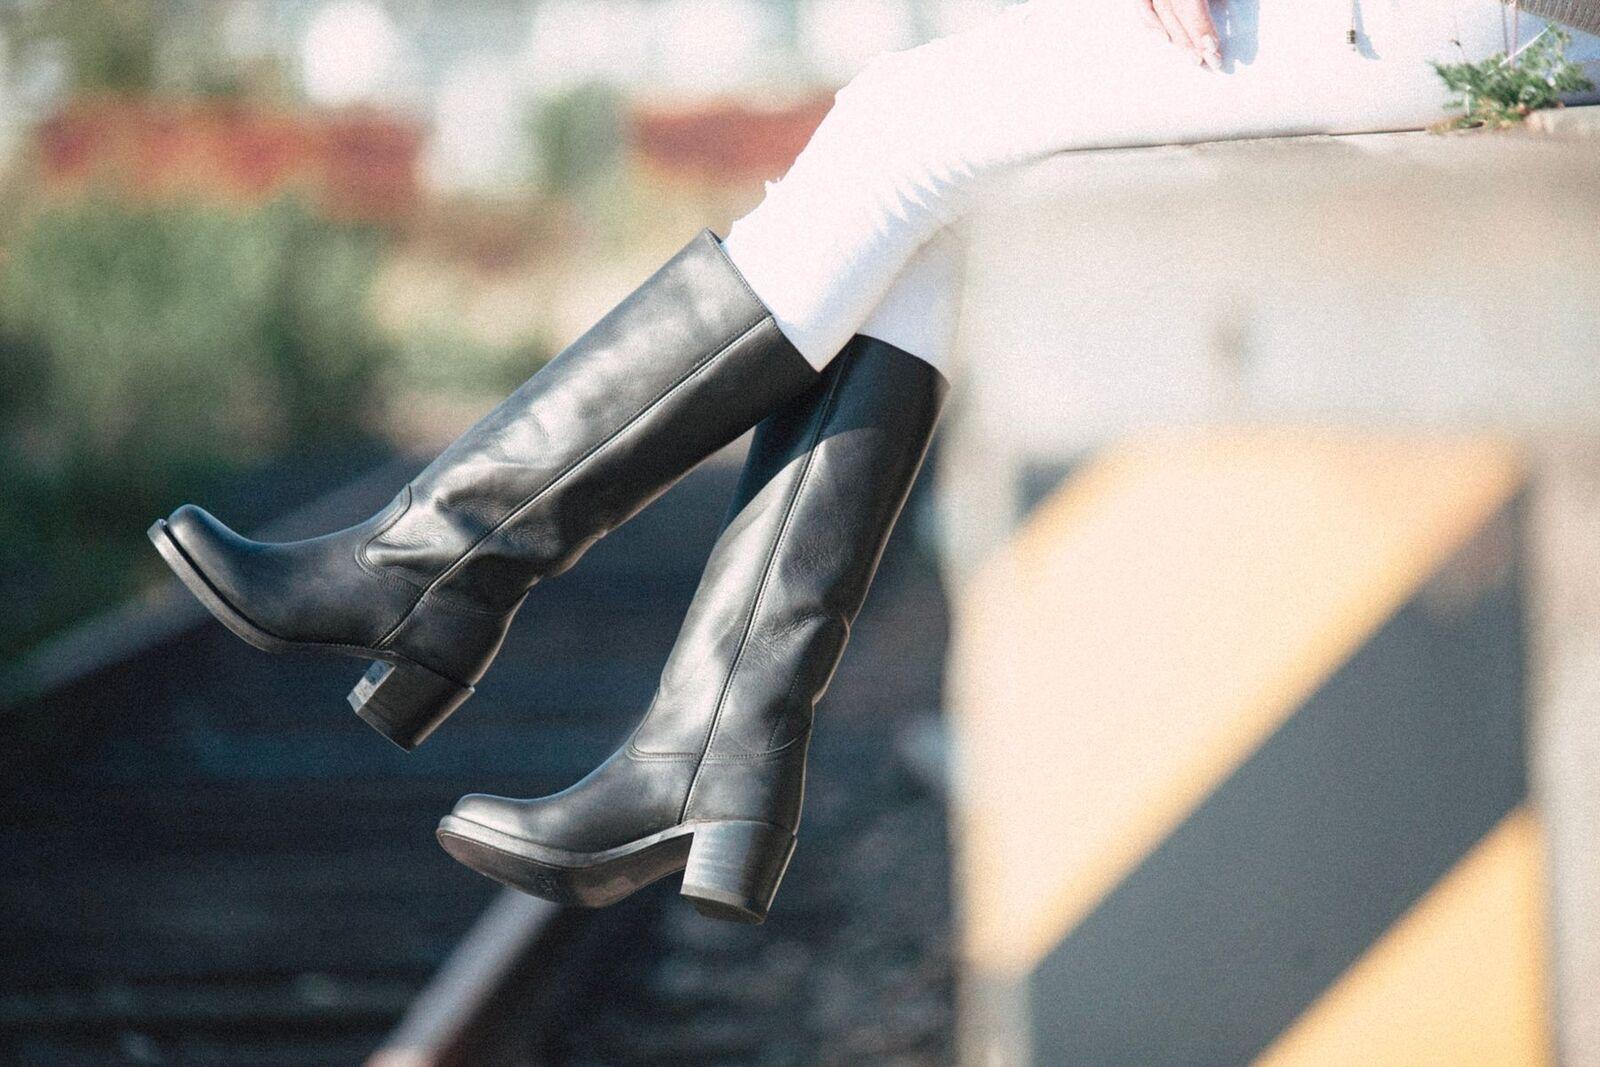 Sendra botas 12987 Gracy estrella negra de botas señoras de cuero para señoras botas negro mujer botas 55a743